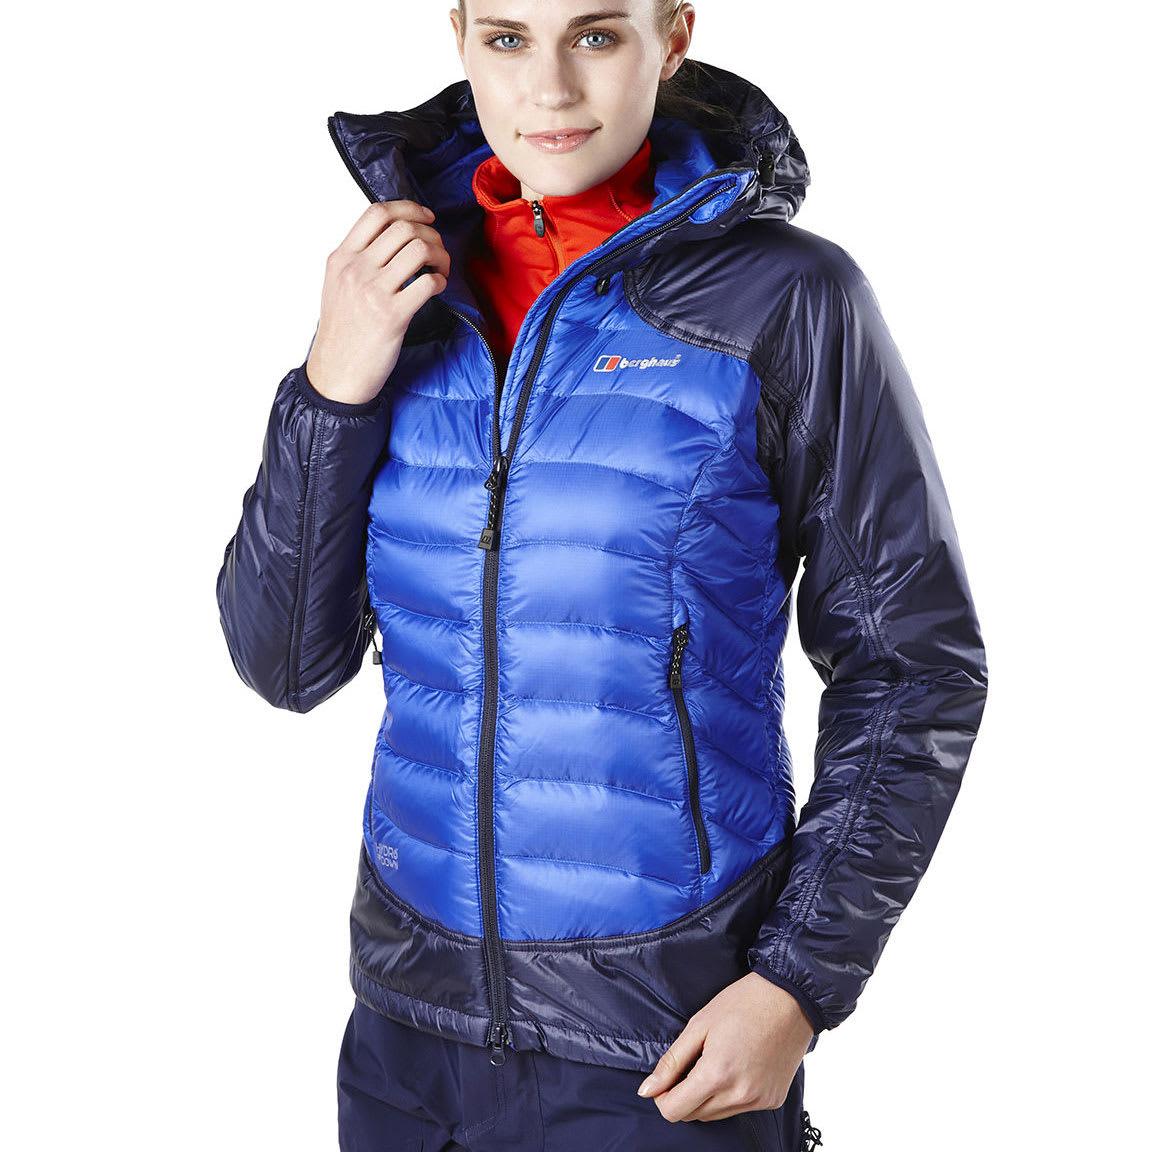 Kjøp Berghaus Women's Asgard Hybrid Jacket fra Outnorth